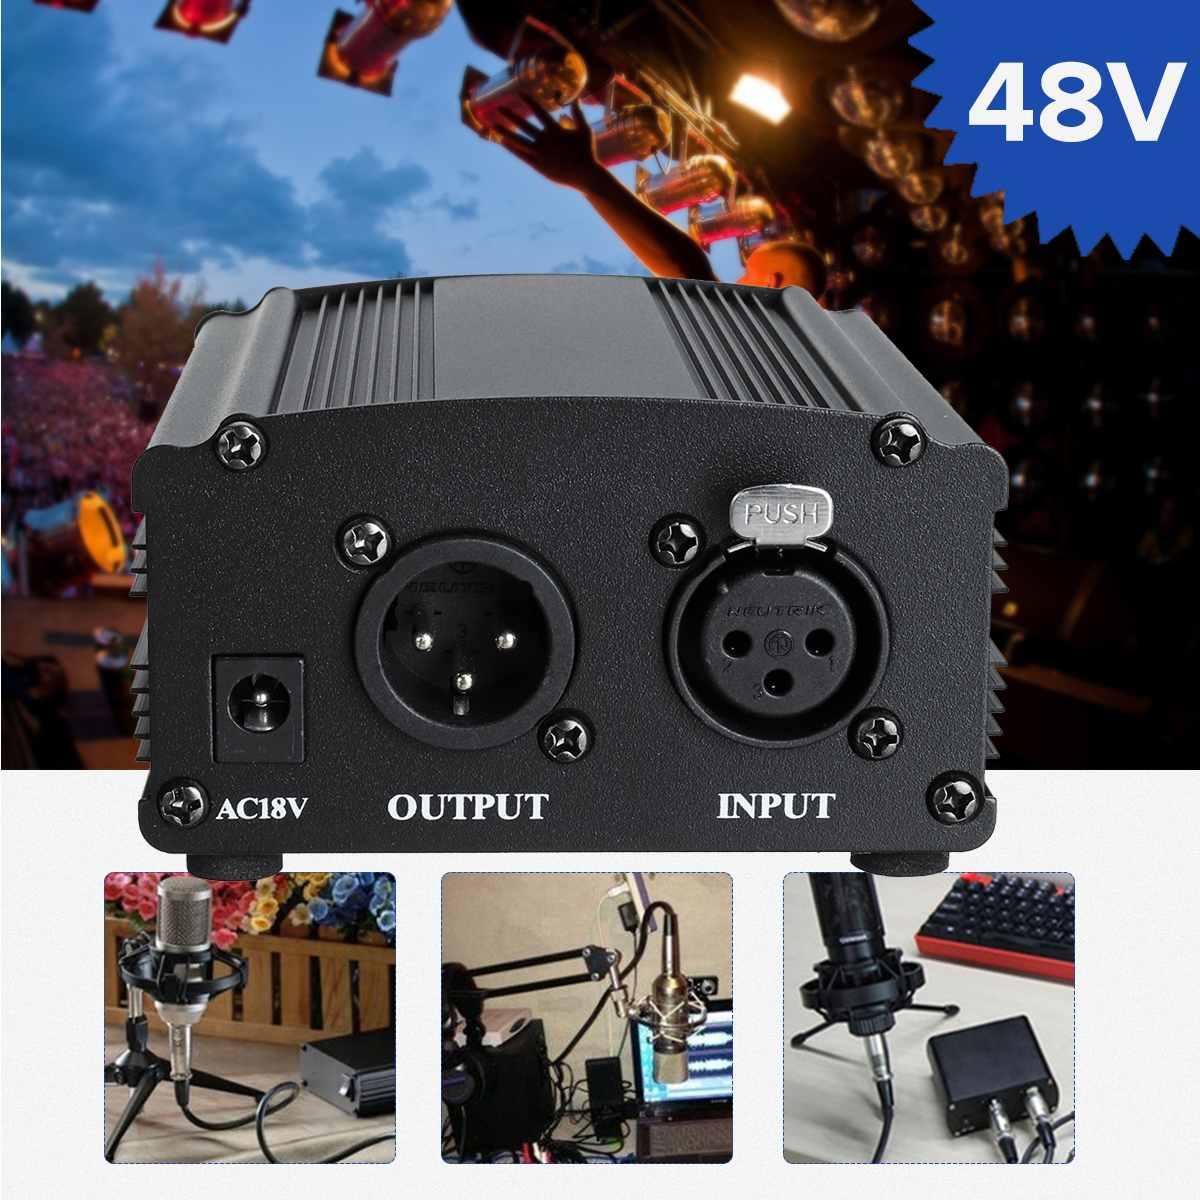 Microfone leory 48 v phantom power 1.5m cabo de alimentação de baixo nível de ruído para equipamento de gravação de microfone condensador de áudio